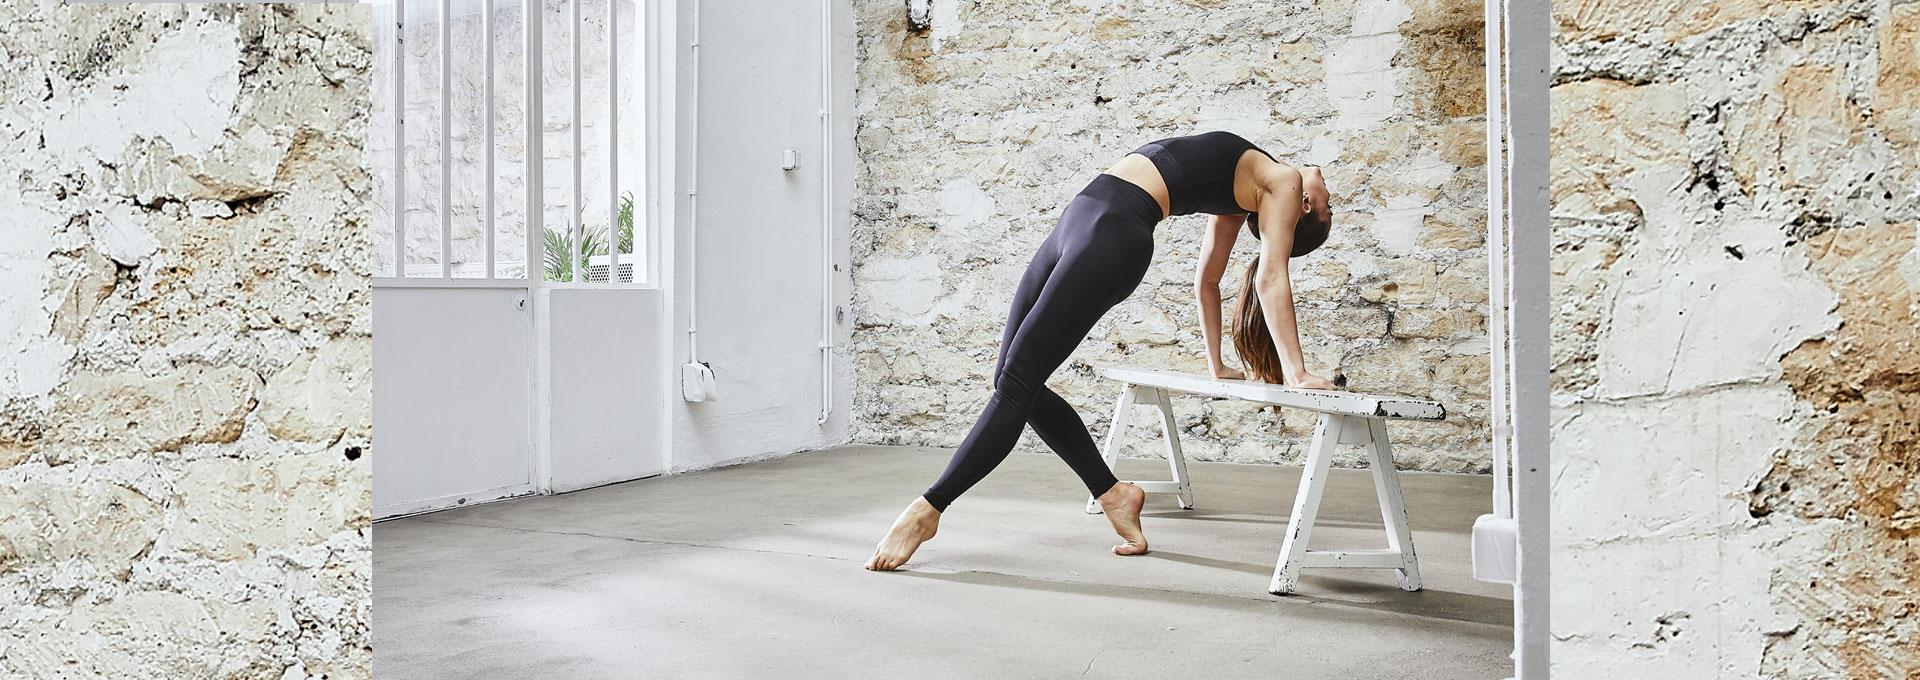 legging fitness, legging femme, legging taille haute,legging danse